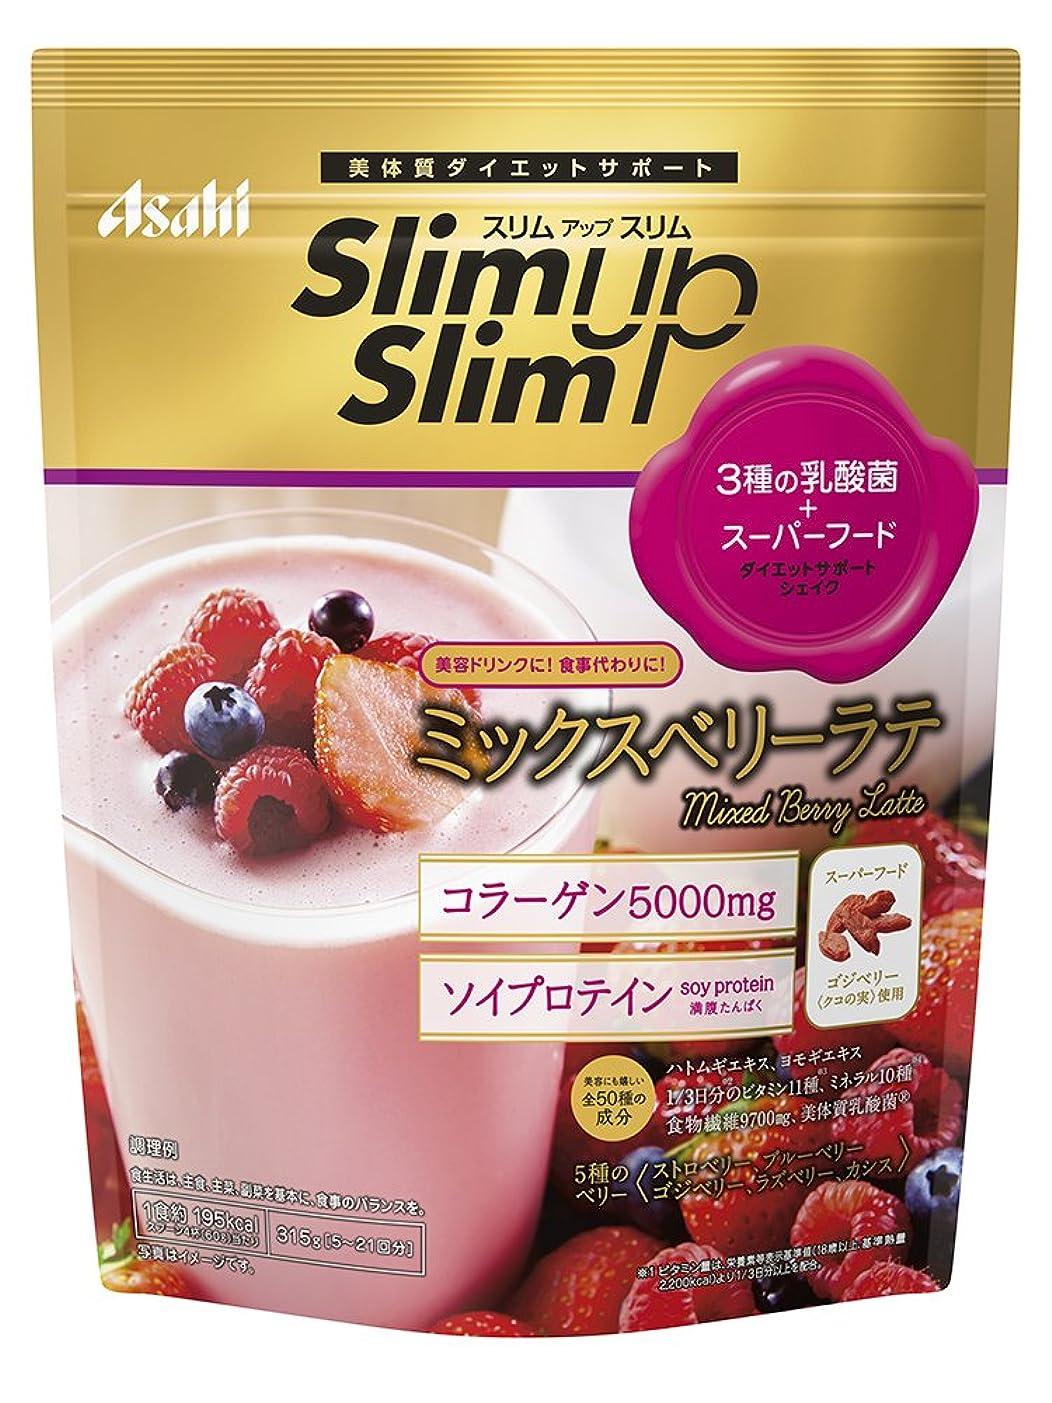 満足チョークキウイスリムアップスリム 乳酸菌+スーパーフードシェイク ミックスベリーラテ 315g